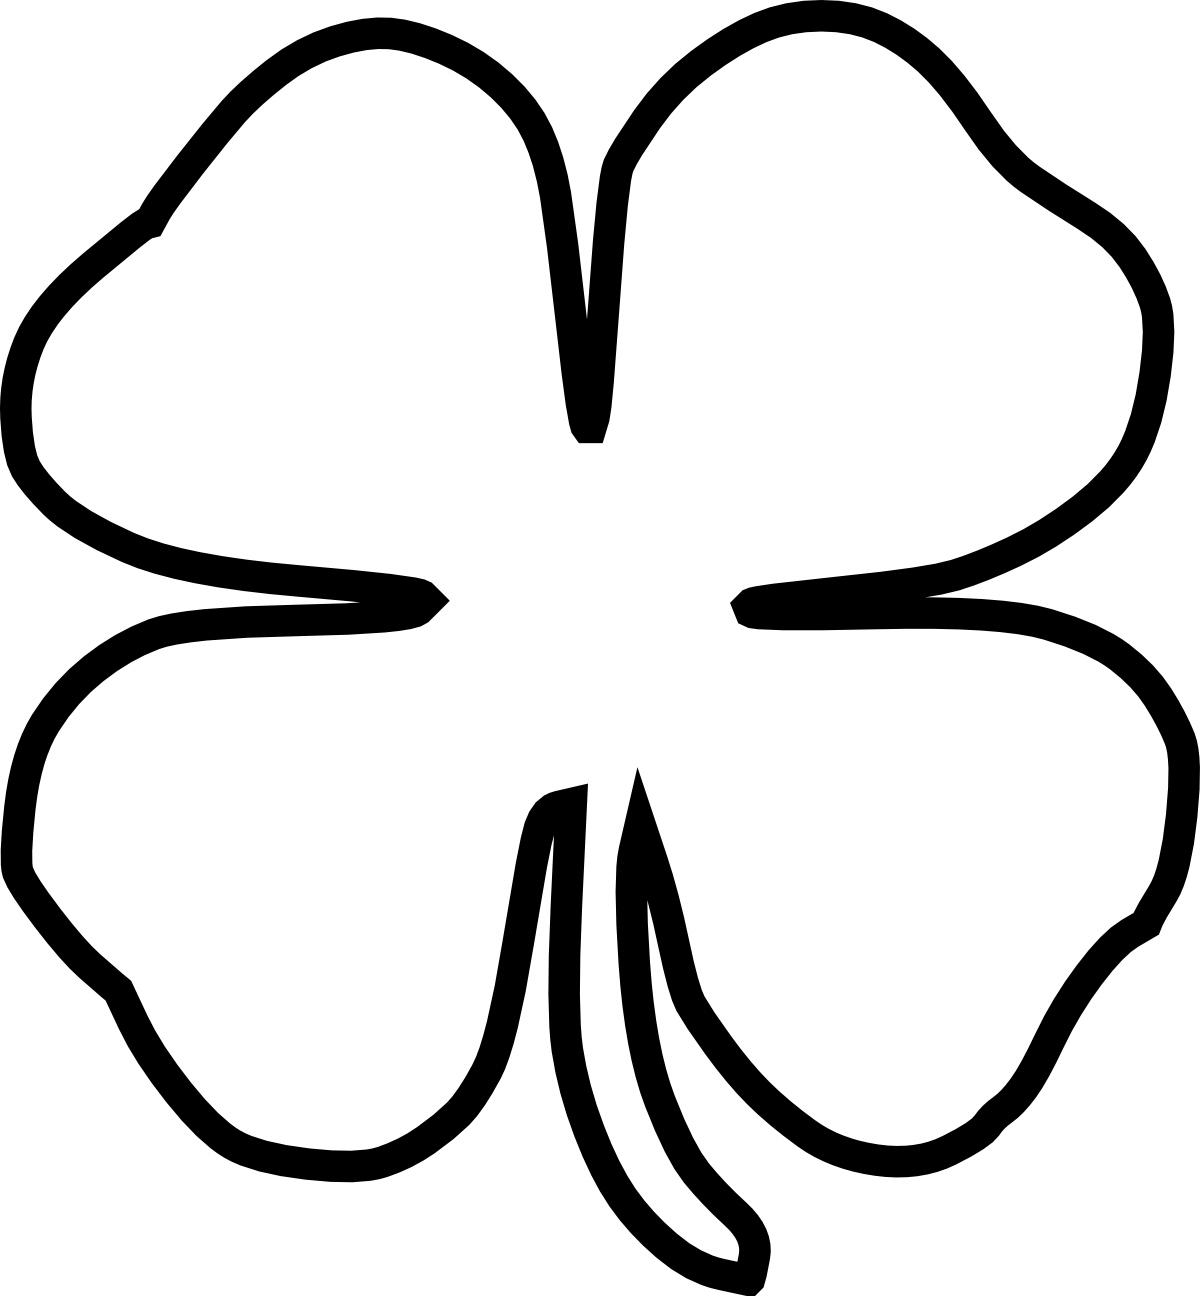 Four Leaf Clover Border Clipart - Clipart Kid